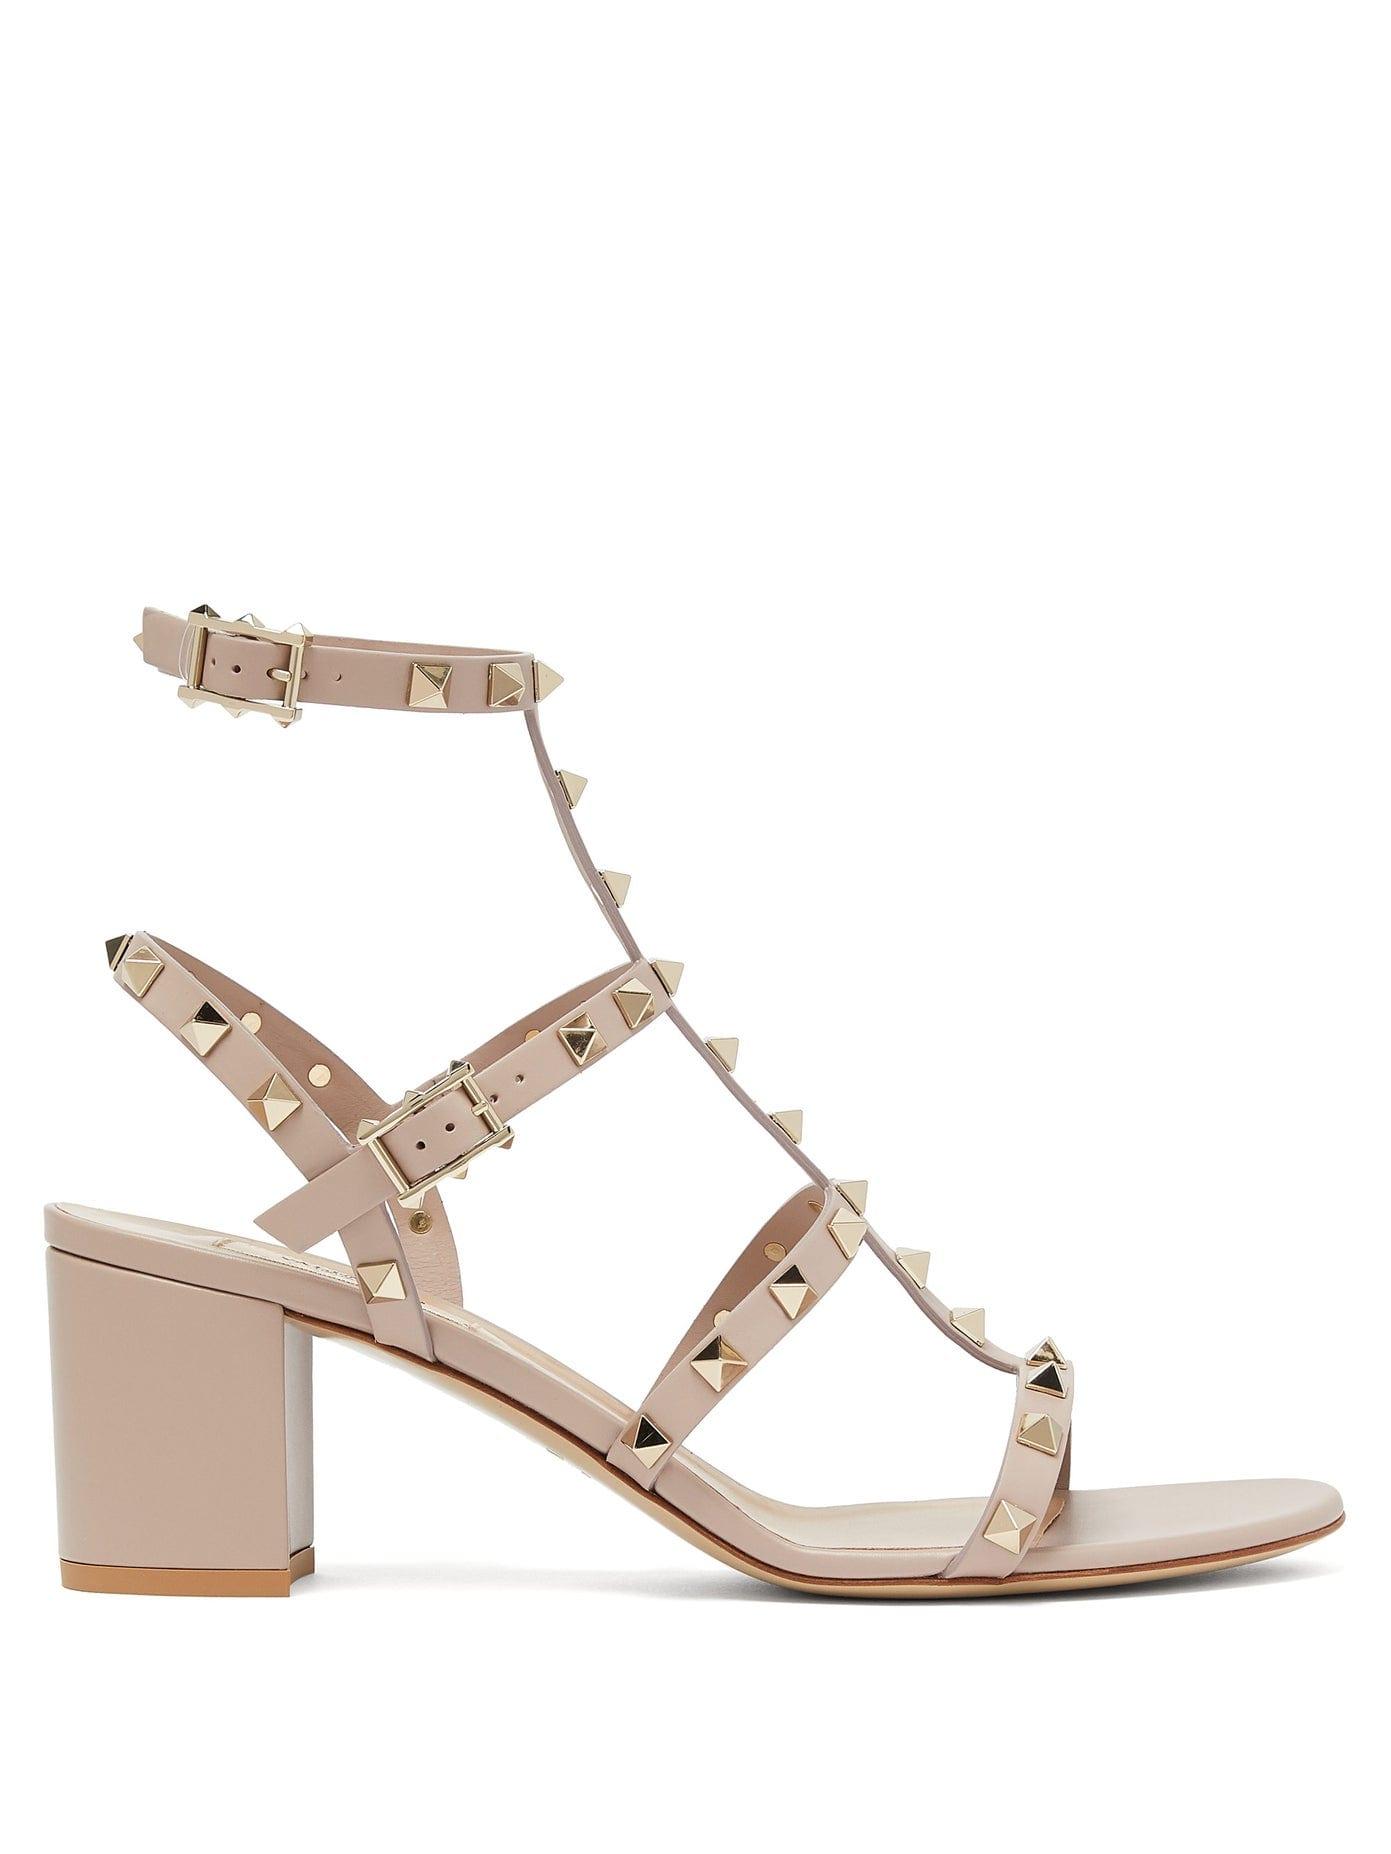 nude studded leather heels